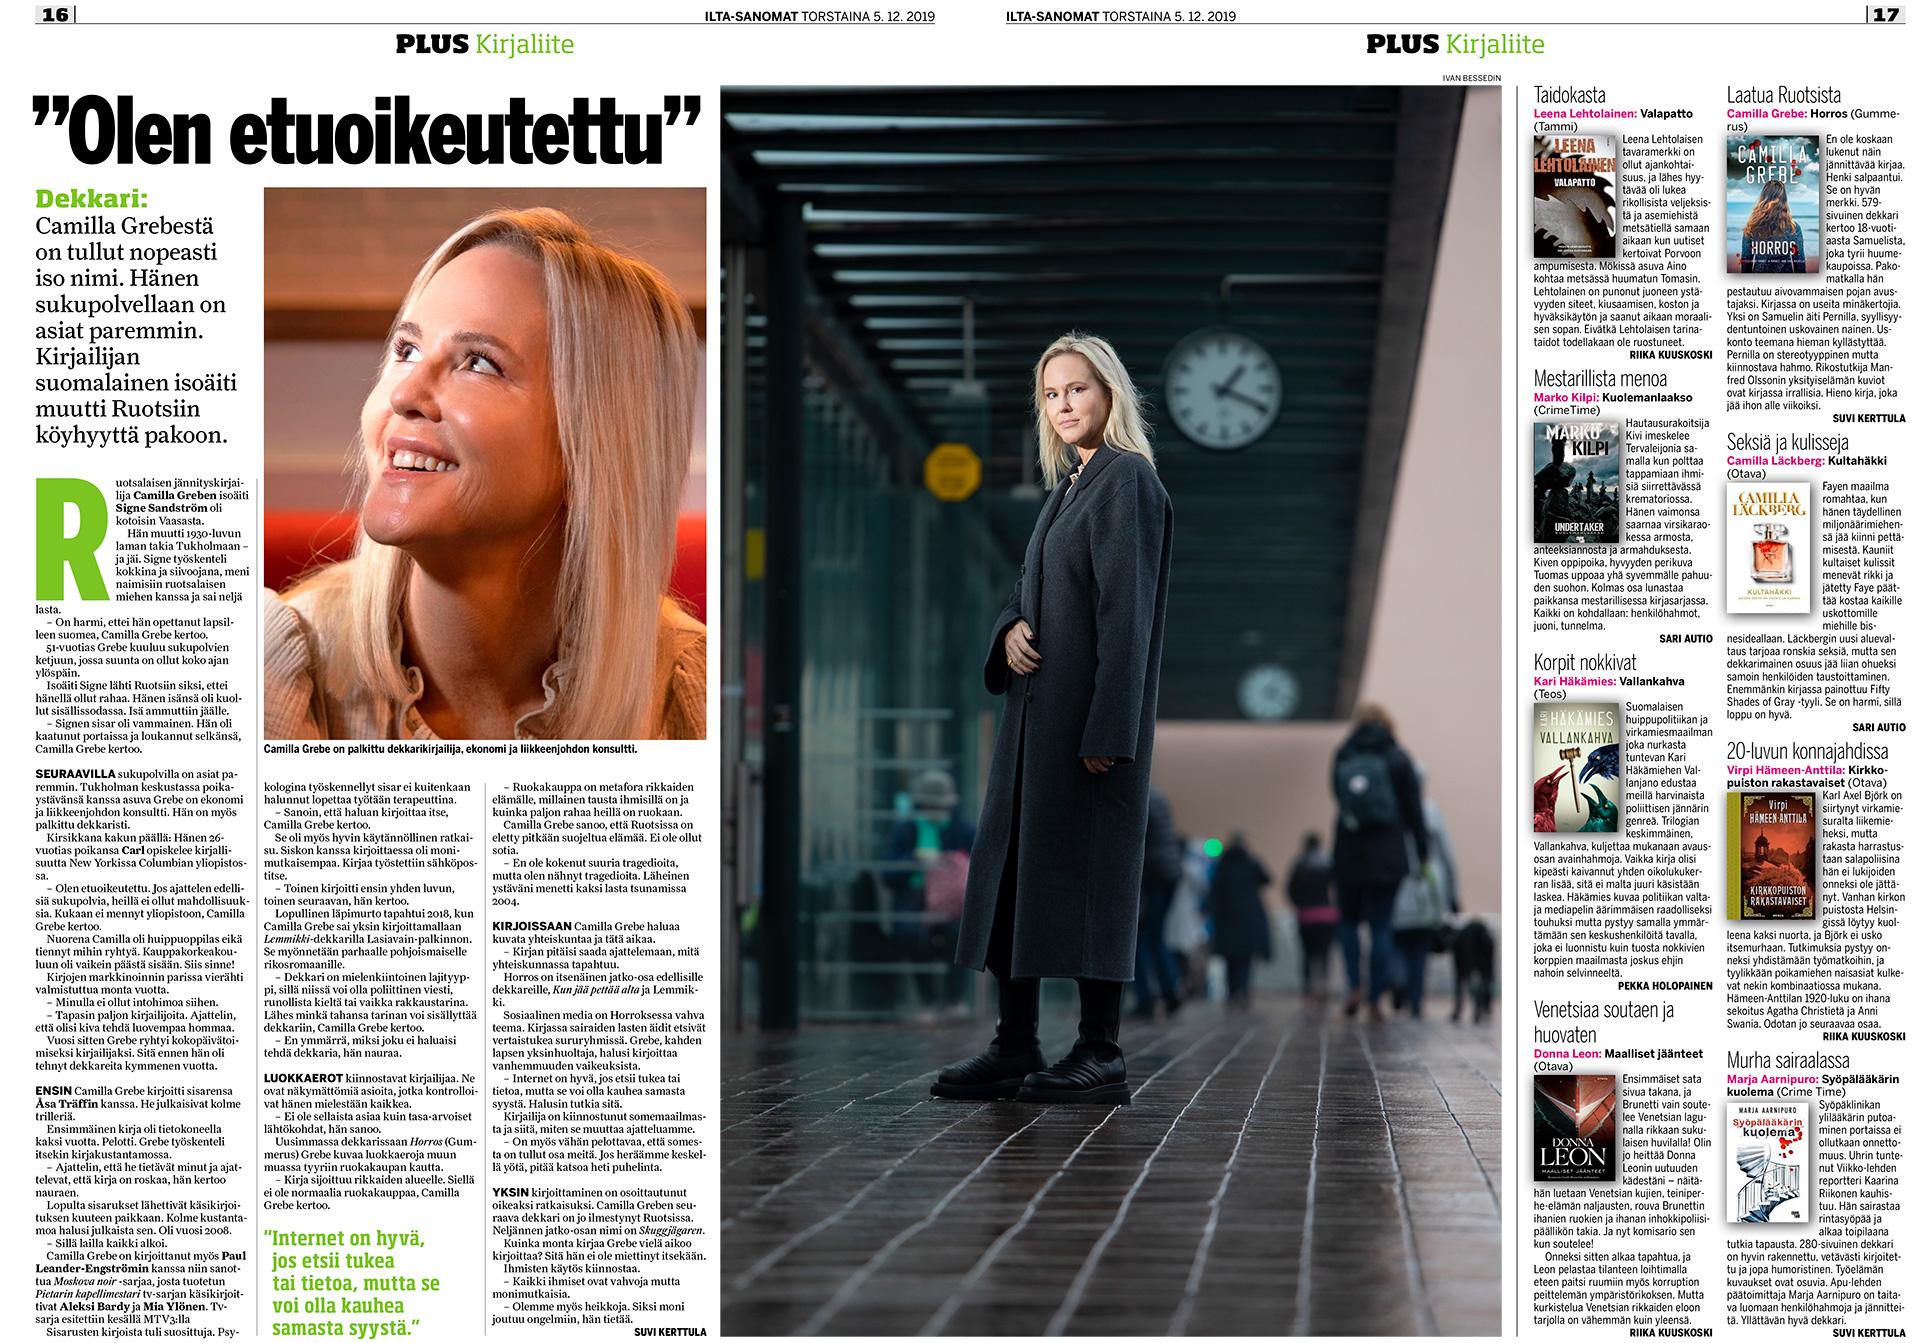 lta-Sanomat, Camilla Grebe, ruotsalainen jännityskirjailija